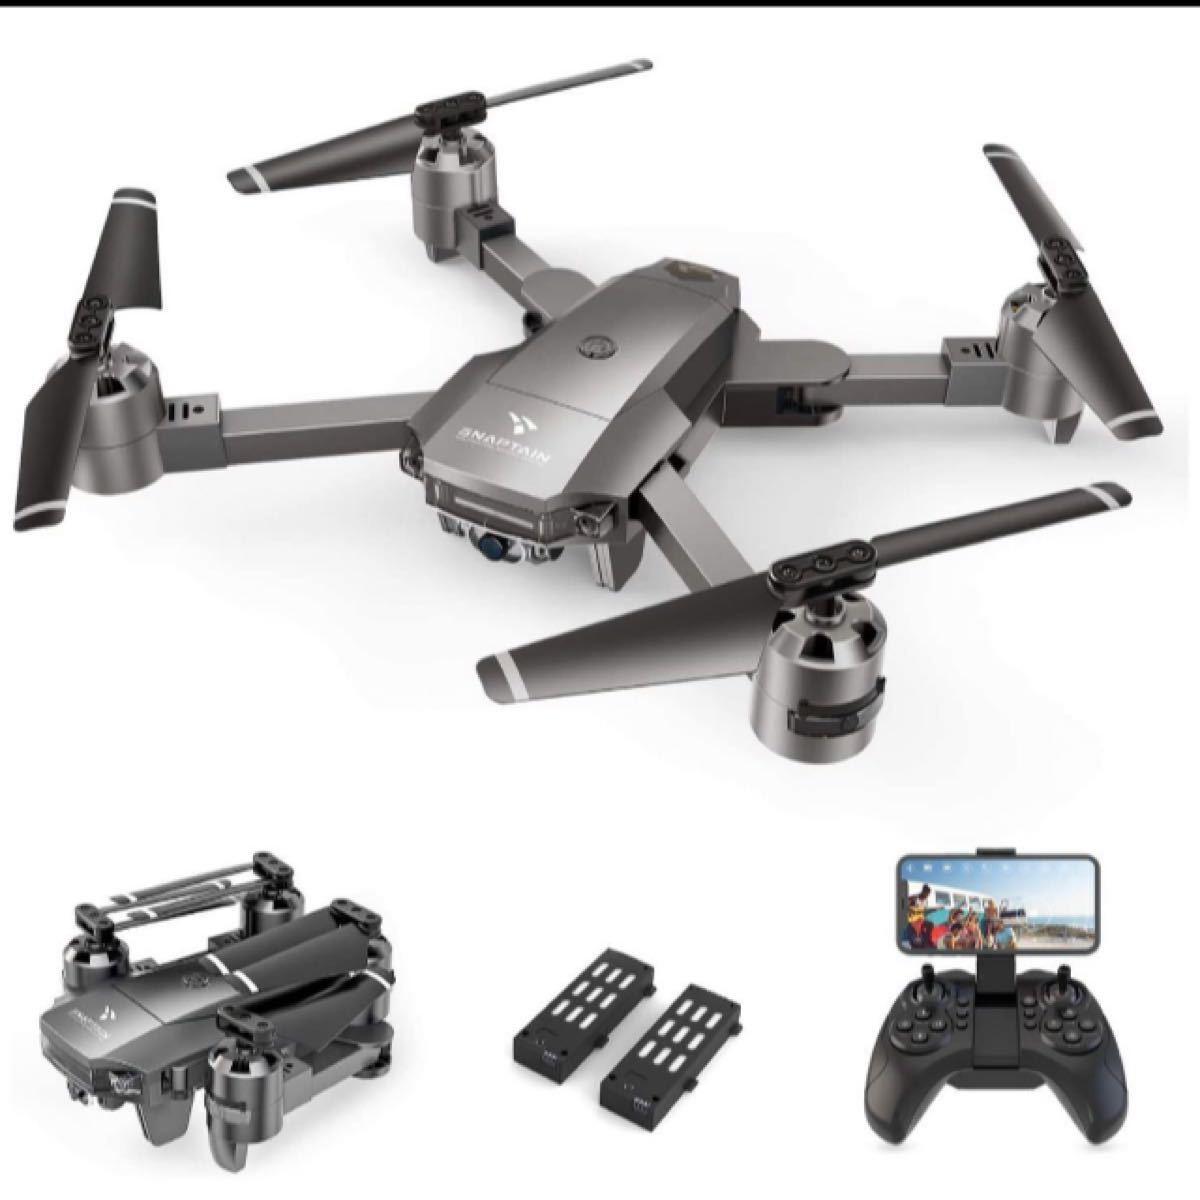 ドローン カメラ付き 120°広角1080P  バッテリー付き 最大24分飛行